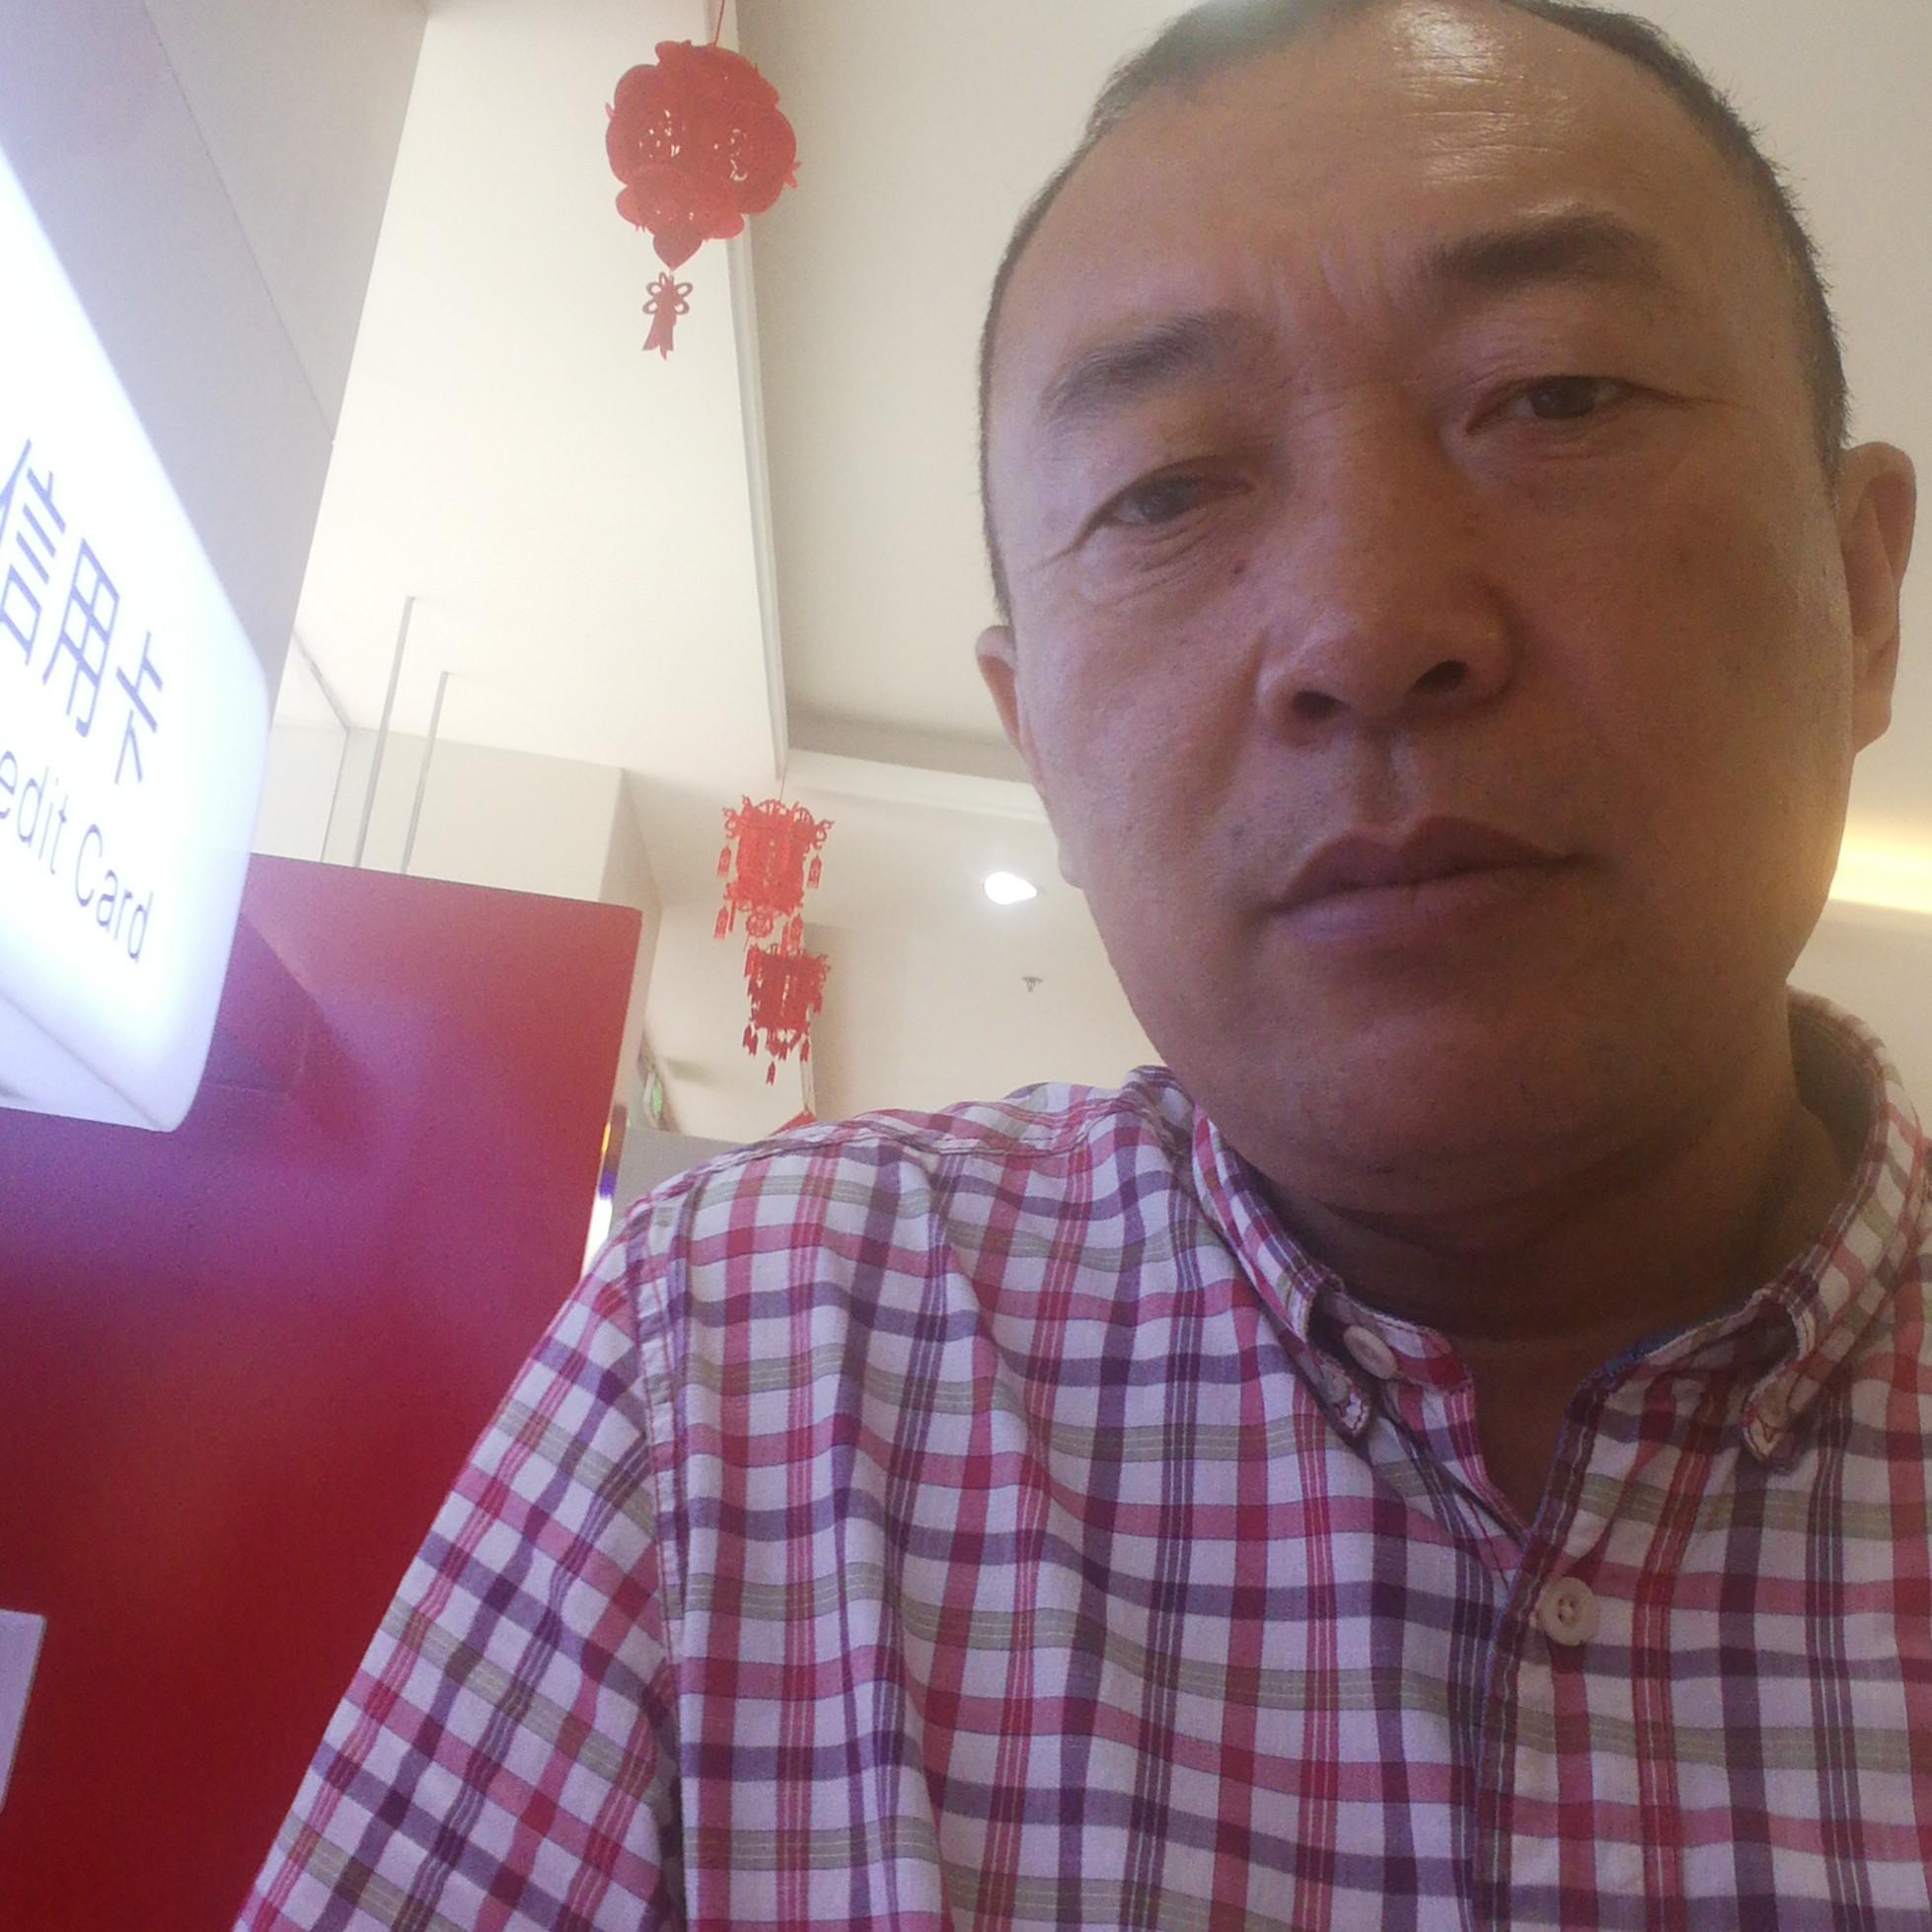 江苏鸿燊物流科技有限公司董事长黄勇军照片